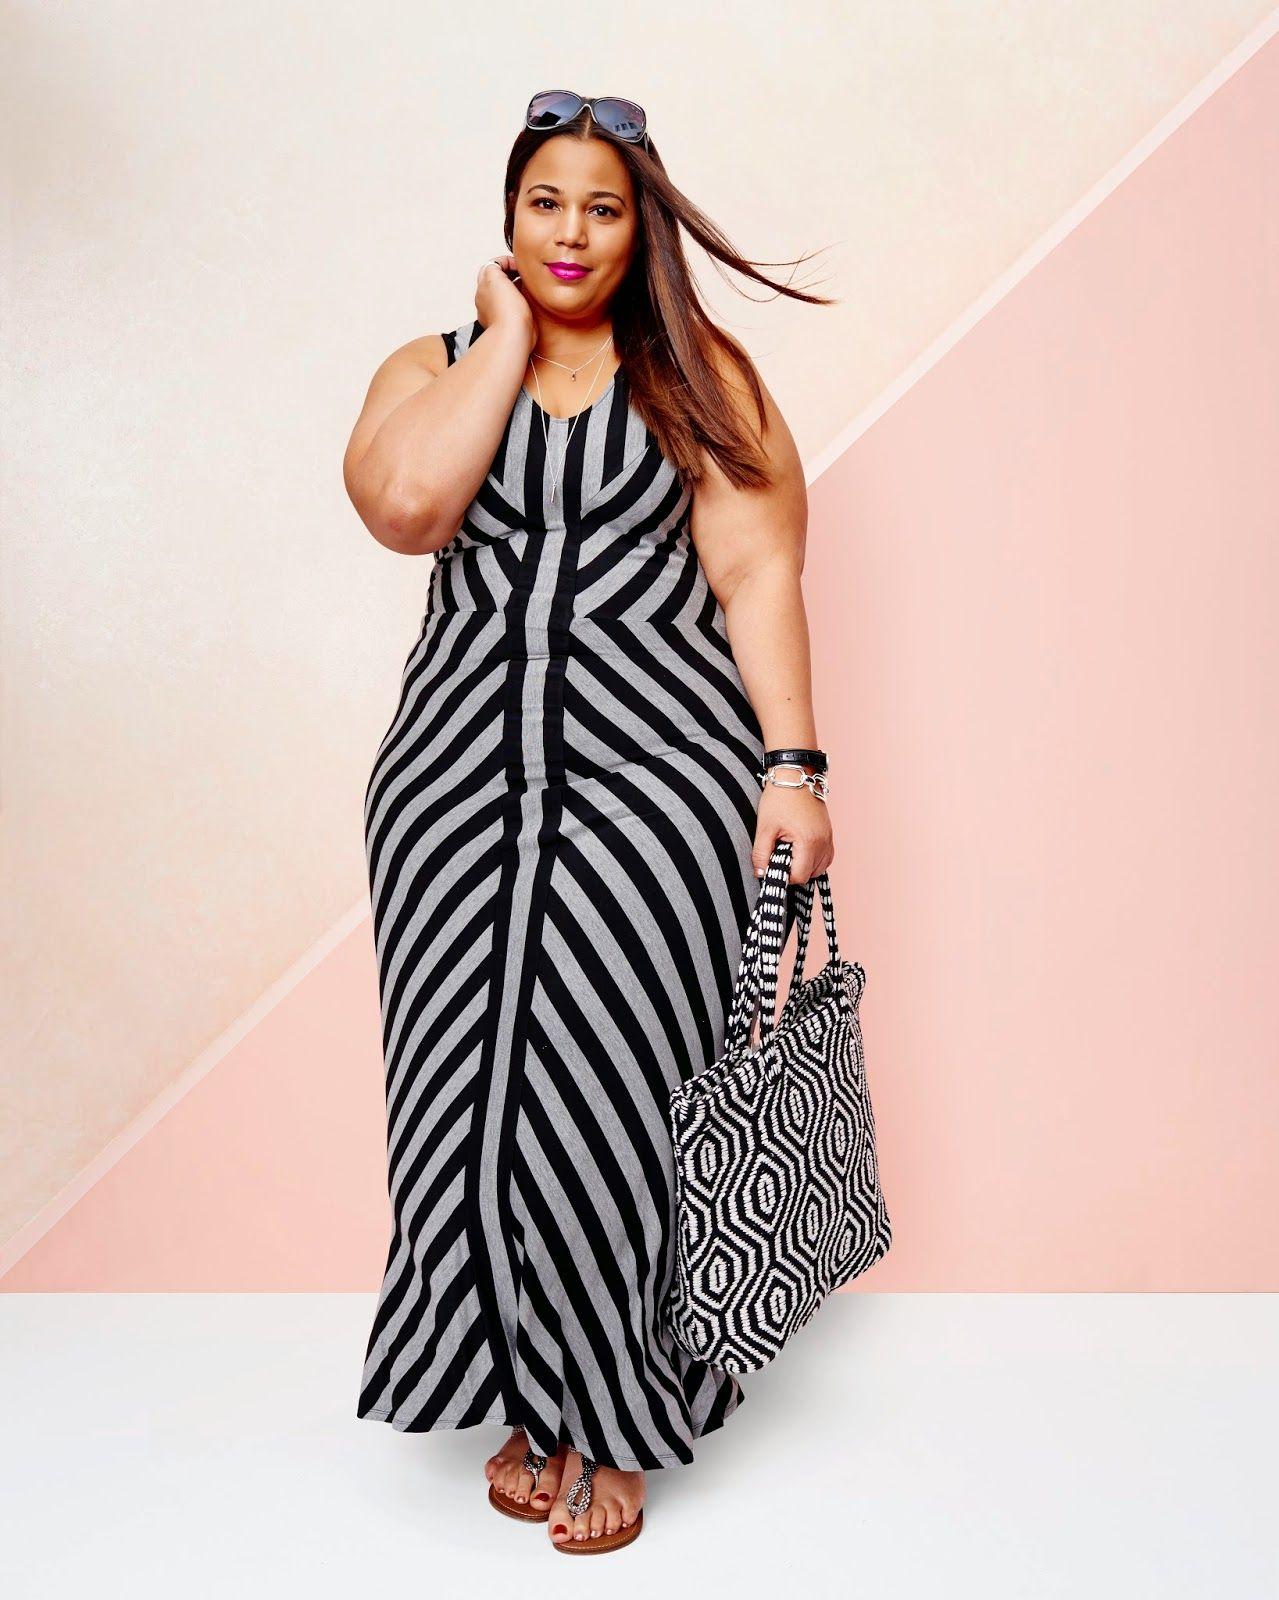 1616b8b0f12 Chastity Garner wearing the striped maxi dress